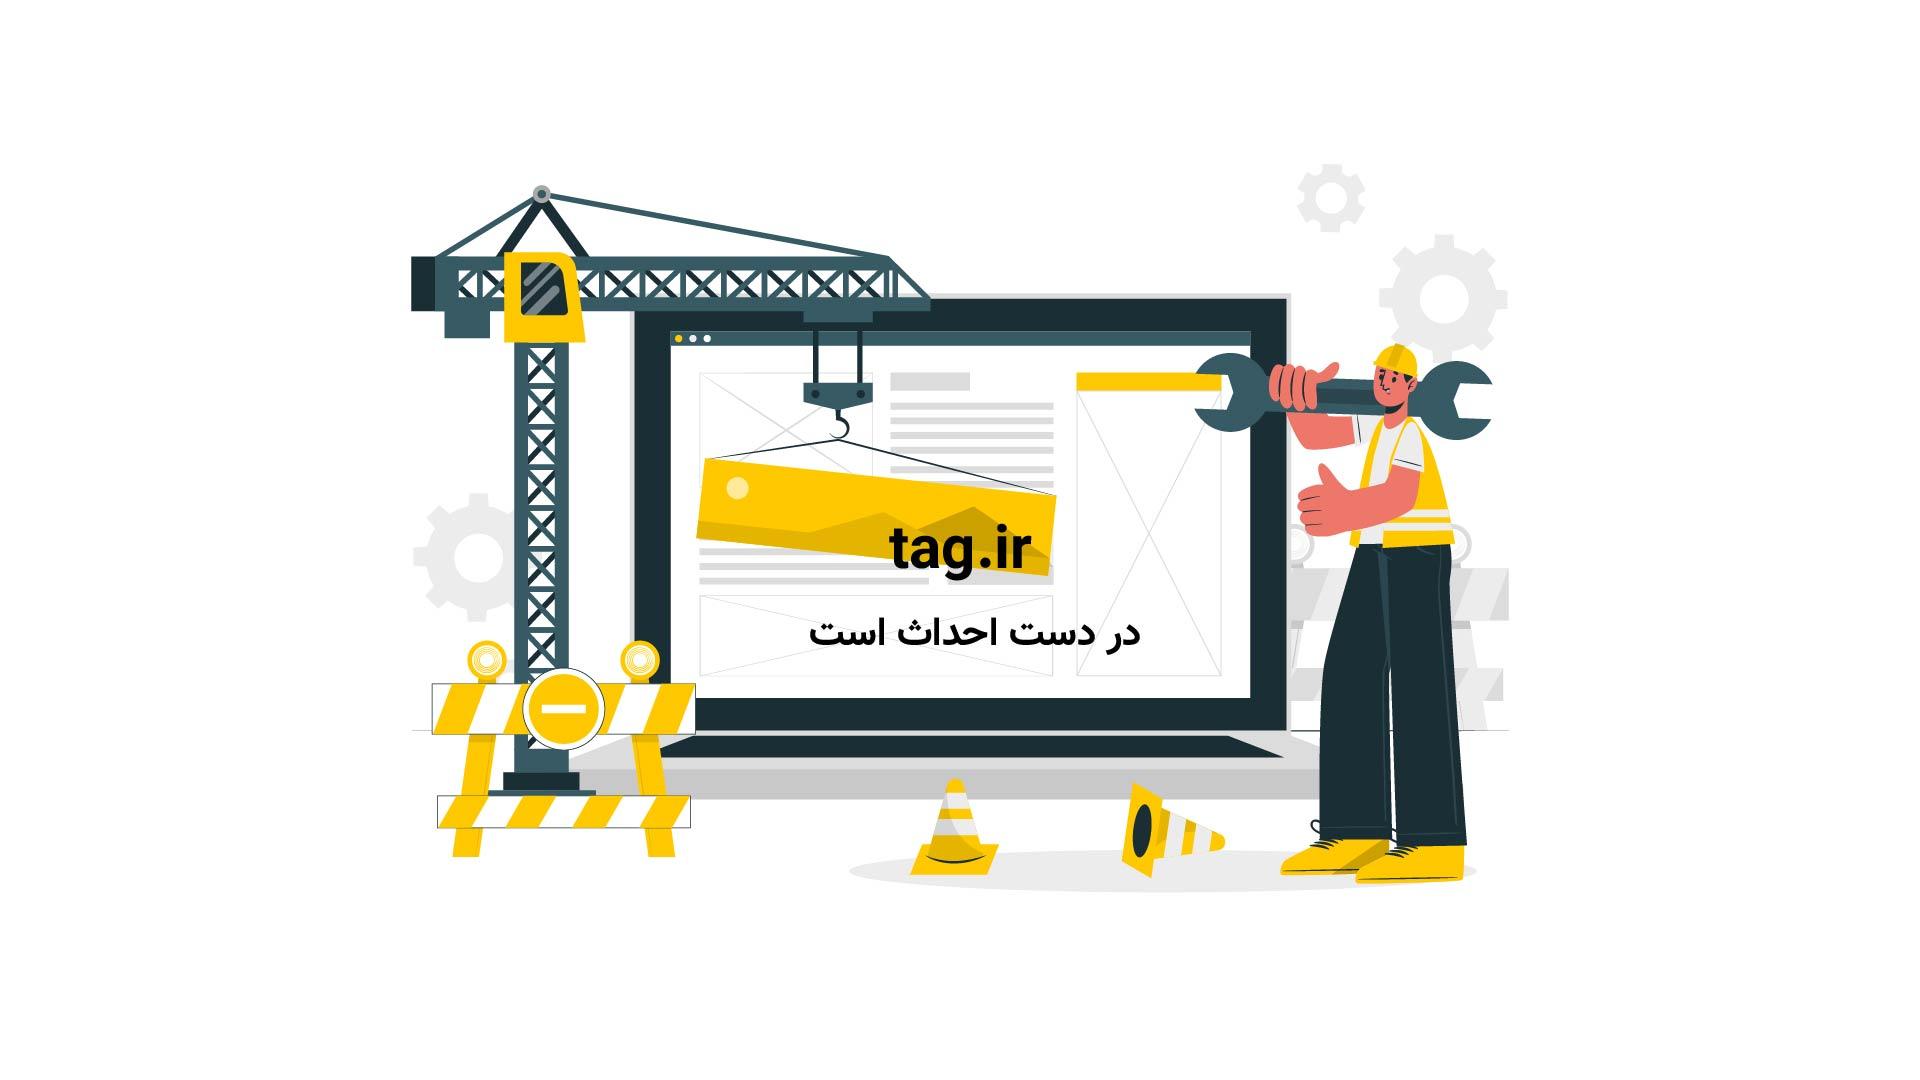 تکنیک نقاشی با آبرنگ؛ آموزش کشیدن گام به گام درخت | فیلم